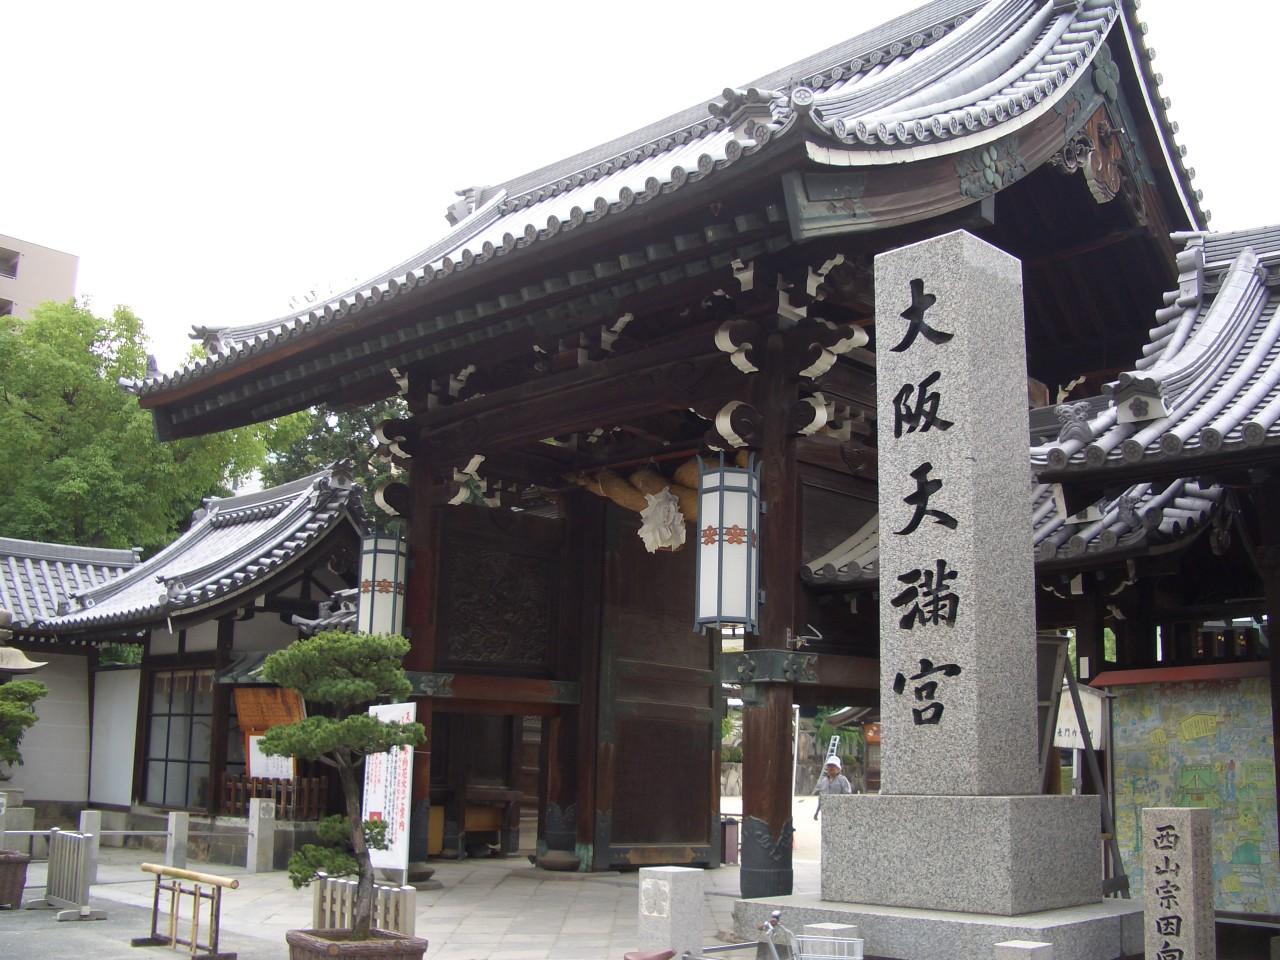 春の大阪天満宮見学と短歌の集い~天神橋筋まち歩き~